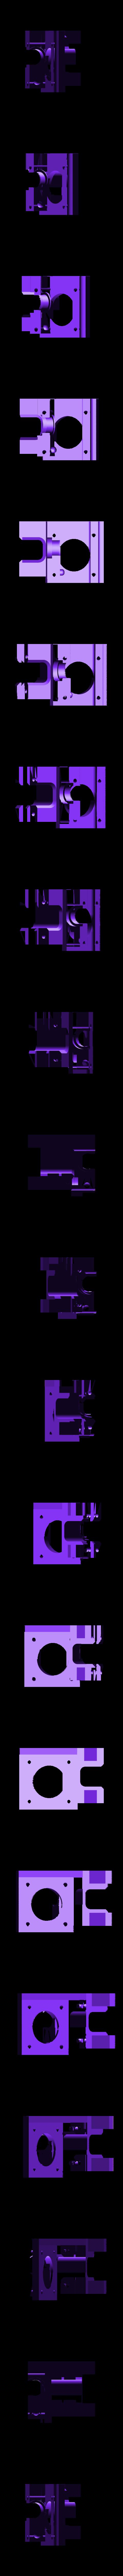 Motor Holder.stl Télécharger fichier STL gratuit Adaptateur E3d v6 pour Flyingbear P902 • Design à imprimer en 3D, Brignetti_Longoni